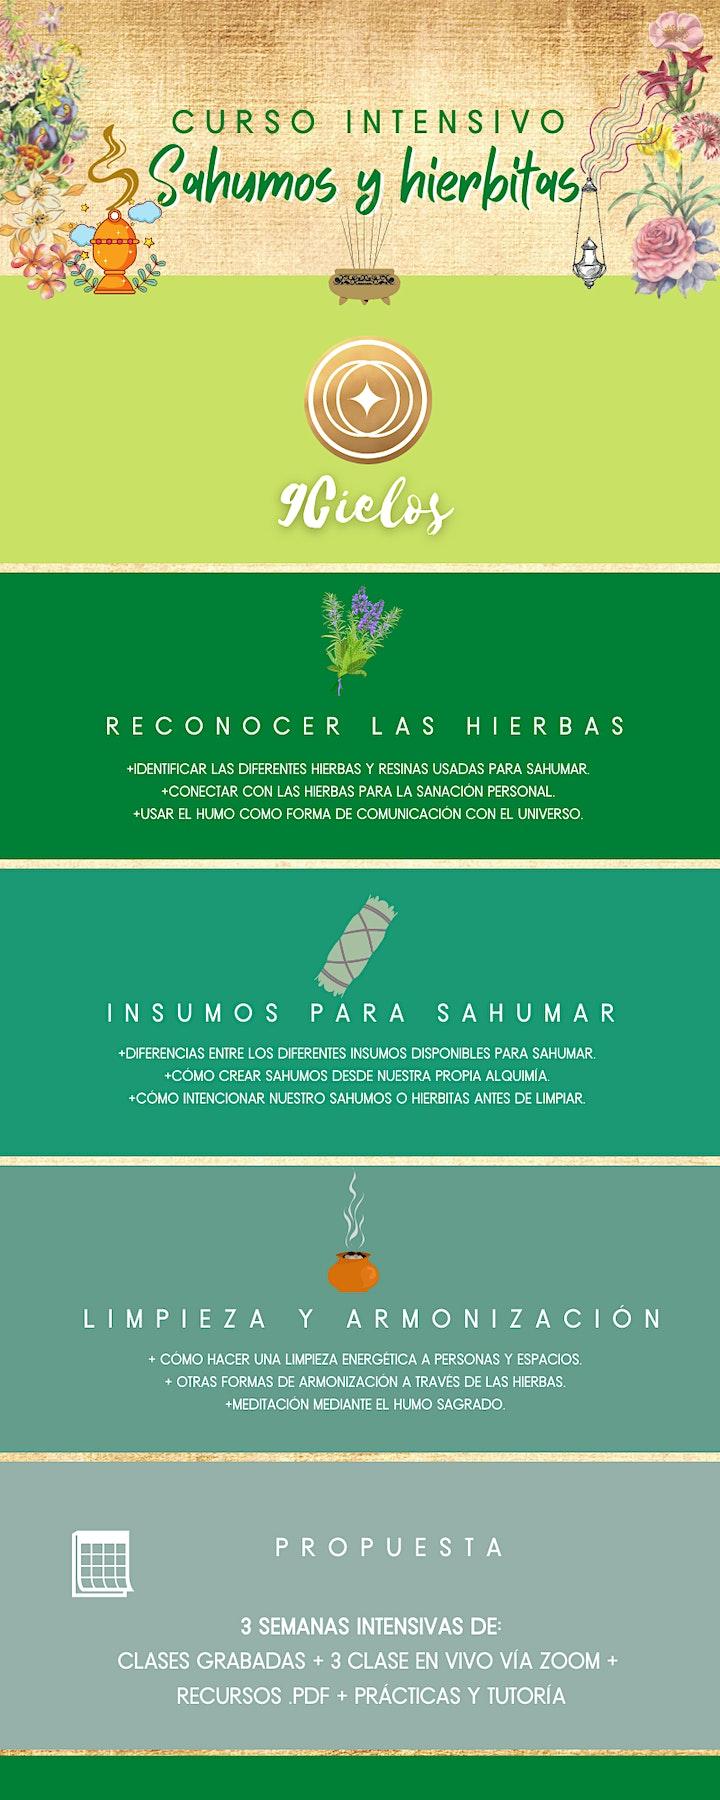 Imagen de Curso Intensivo de SAHUMOS Y HIERBITAS